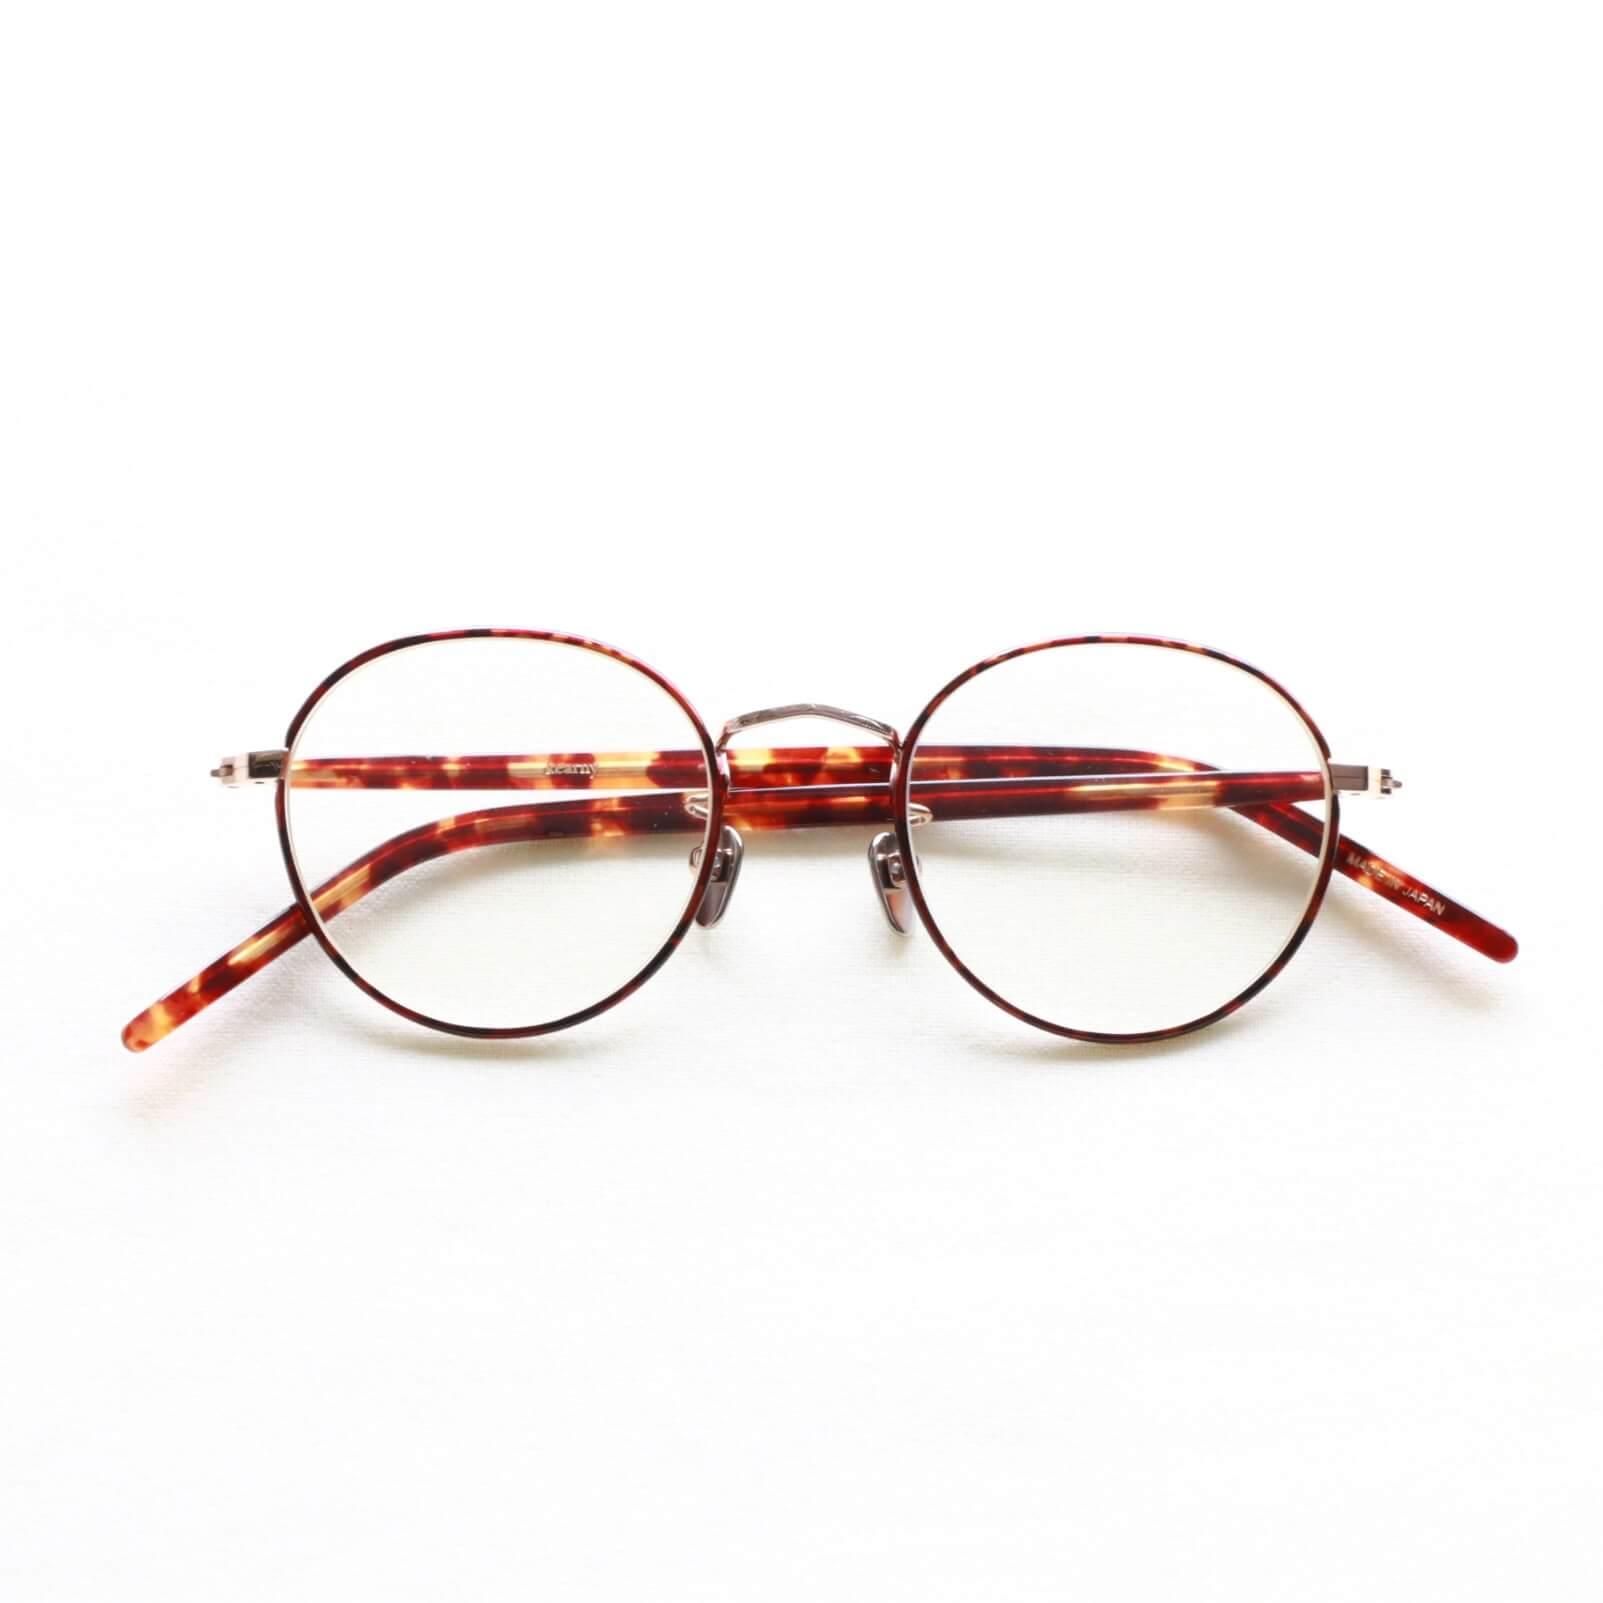 セルロイド眼鏡 kearny カーニー soft frame ソフトフレーム